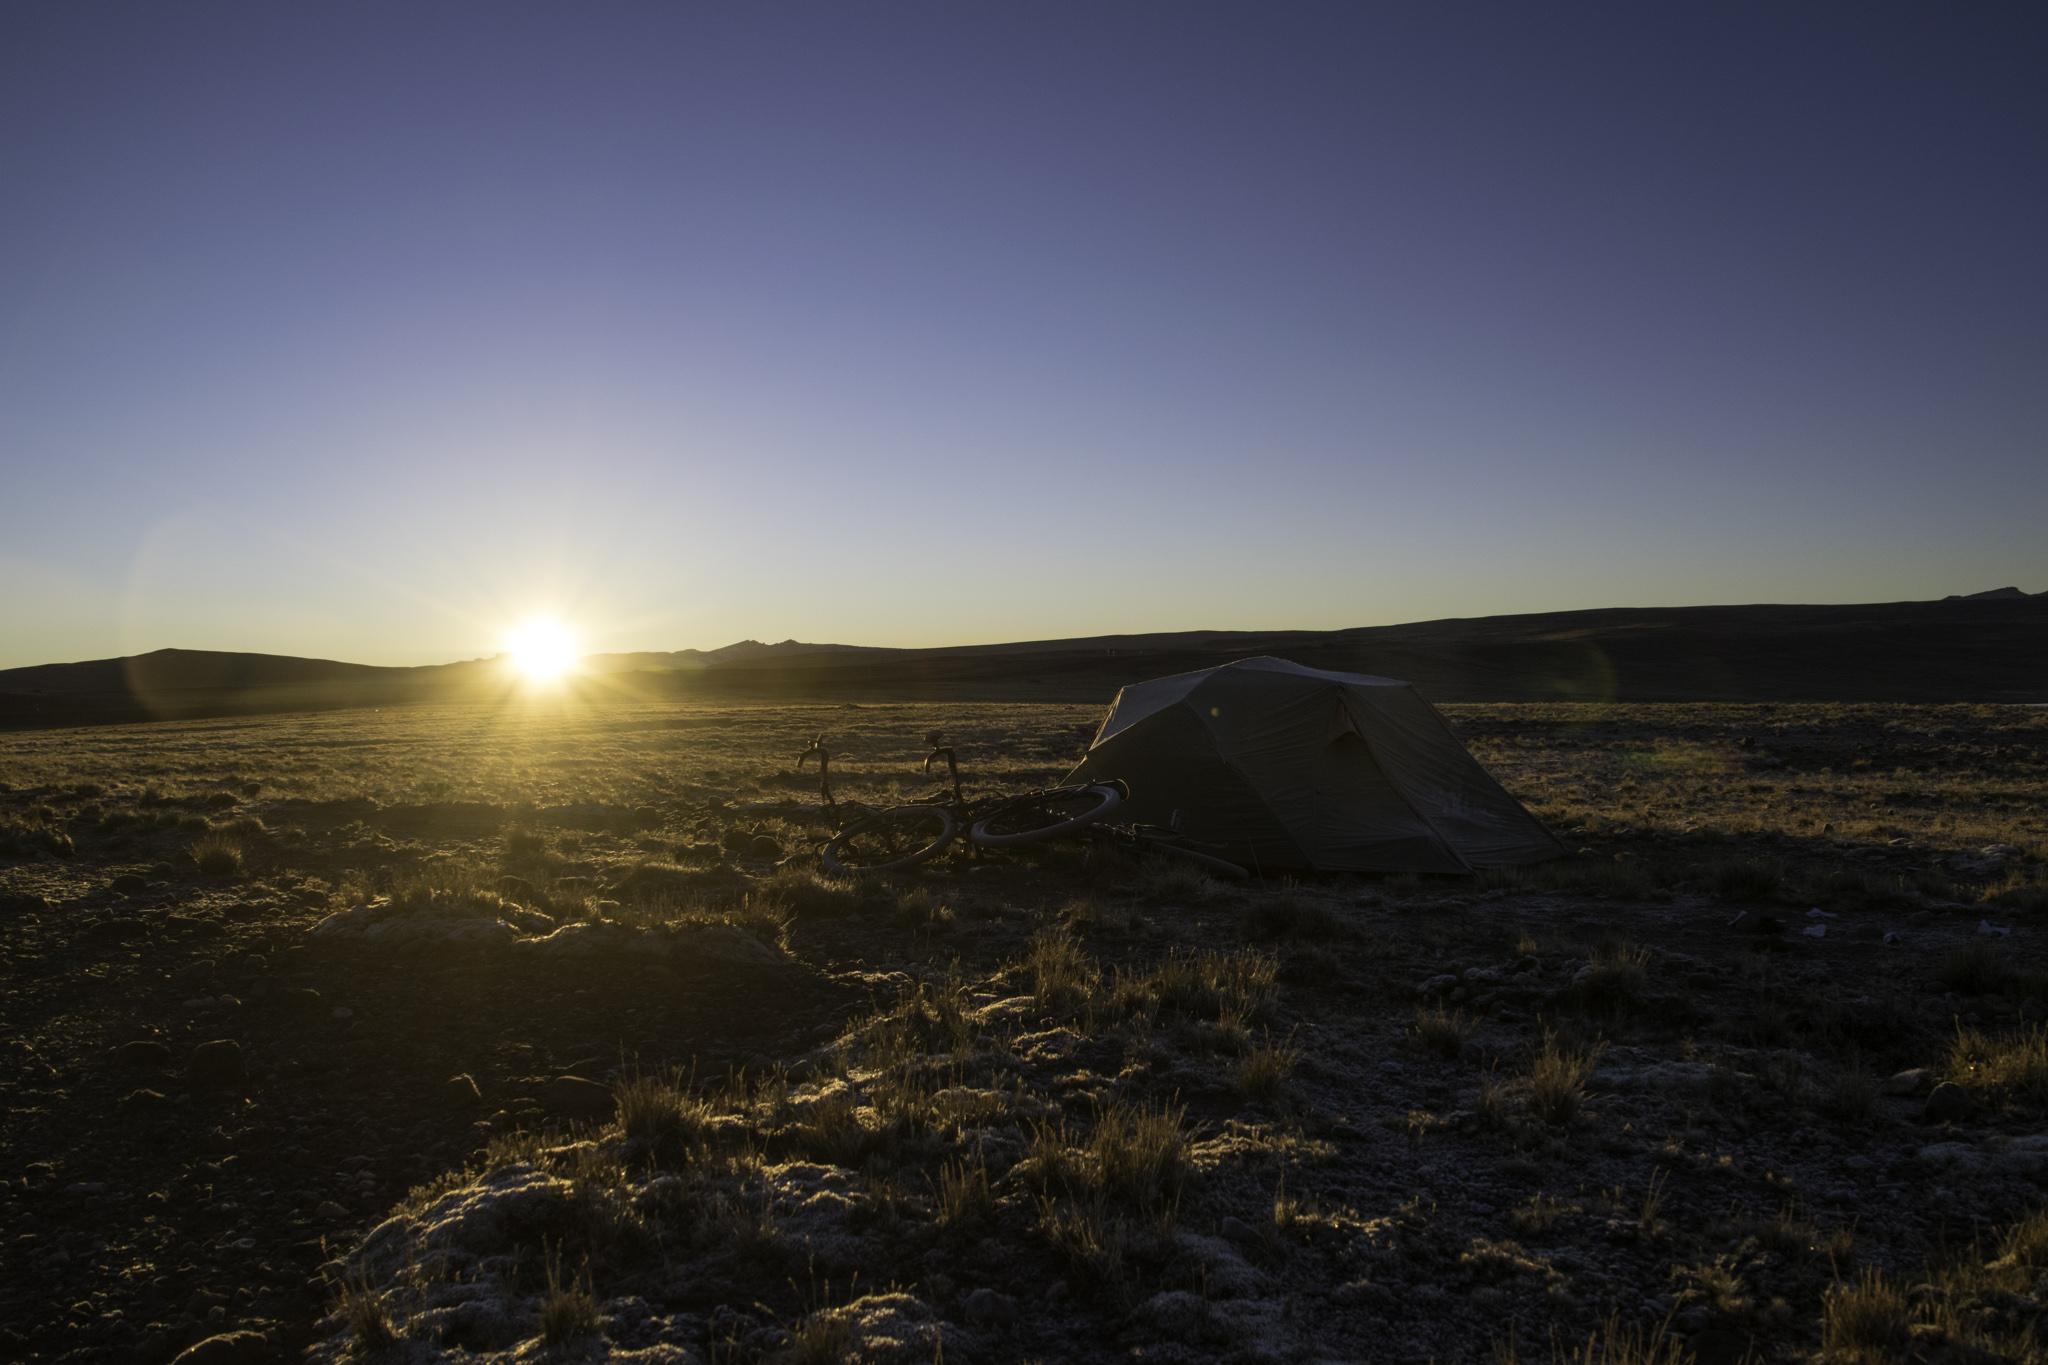 Zelten auf 4500 m.ü.M. - endlich kommt die wärmende Sonne